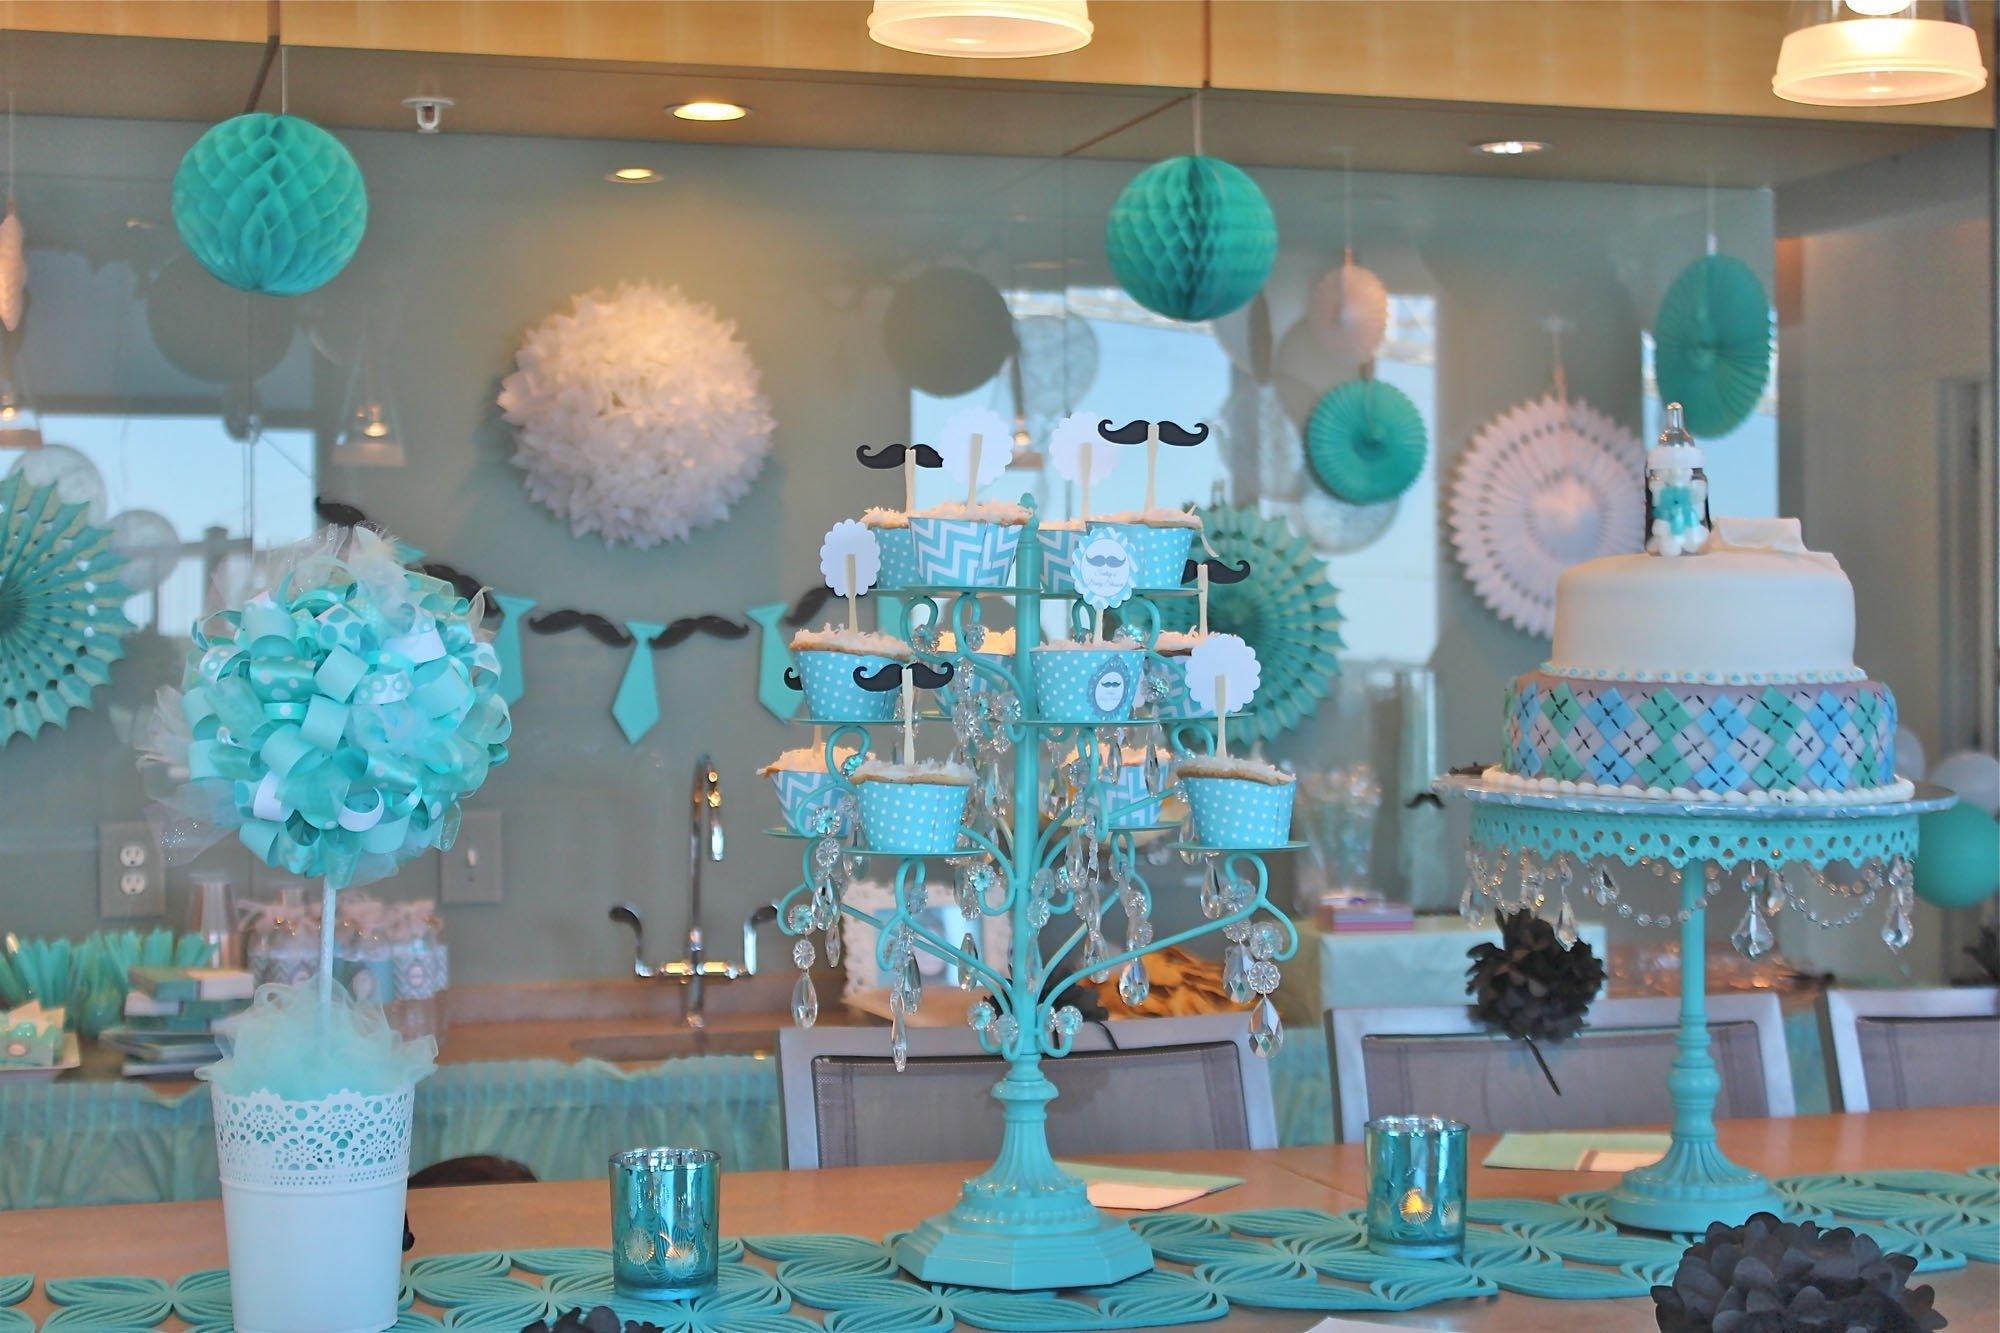 10 Unique Baby Shower Centerpiece Ideas For Boys baby shower centerpiece ideas baby shower decoration ideas 4 2020